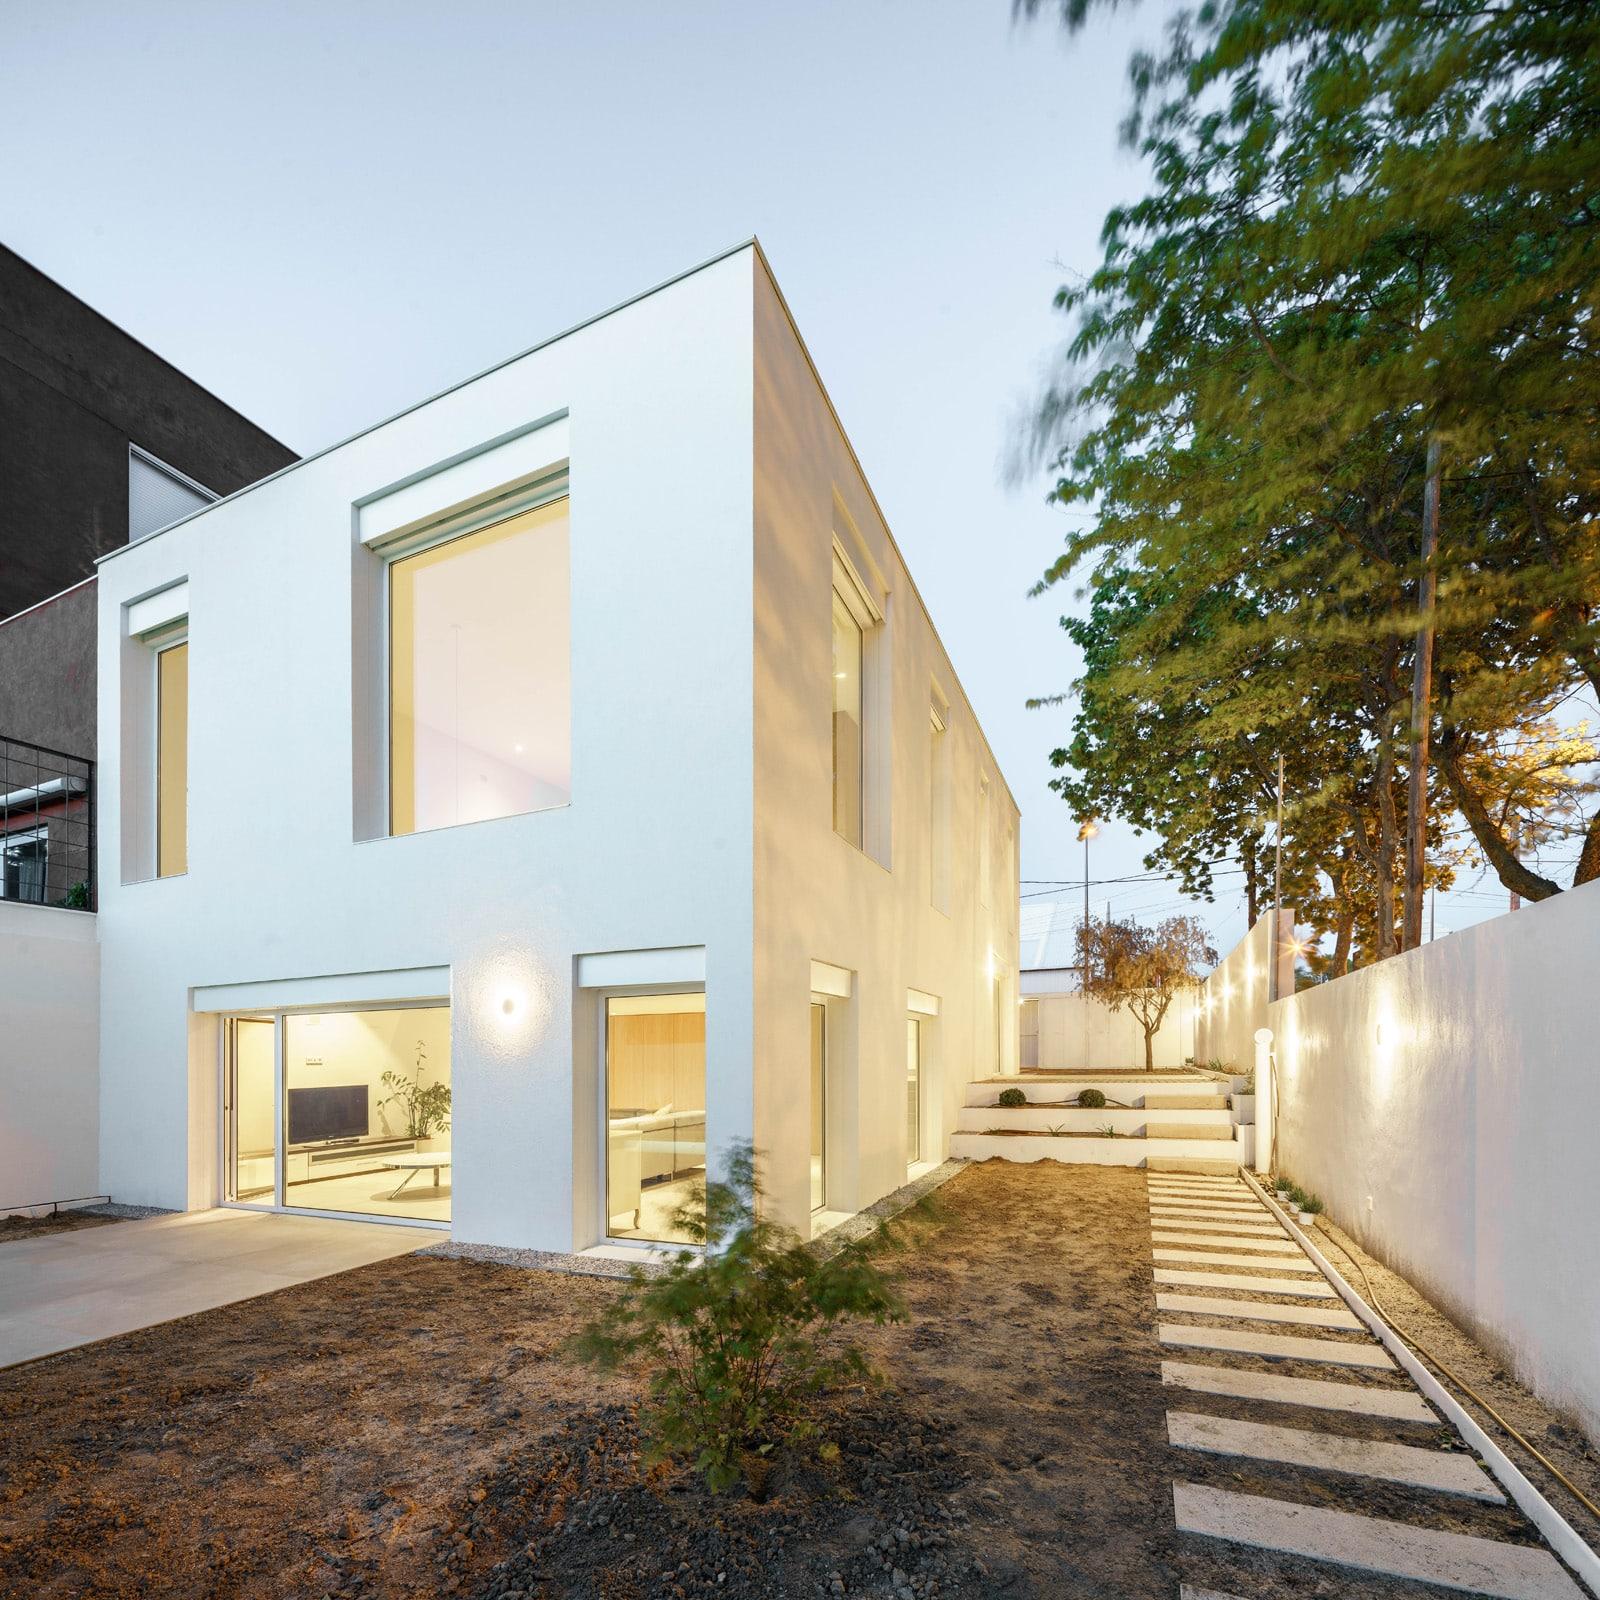 Woodcase House  - 20210907 AyllonParadelaDeAndres Woodcase 03 36